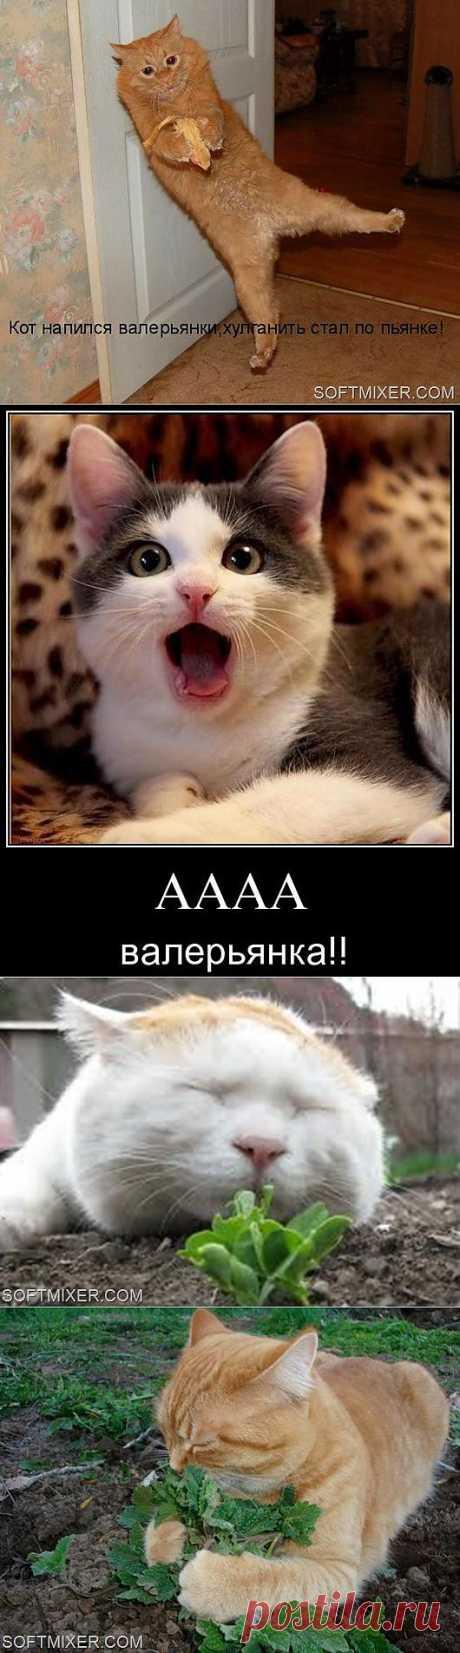 Котики и наркотики… | SOFTMIXER